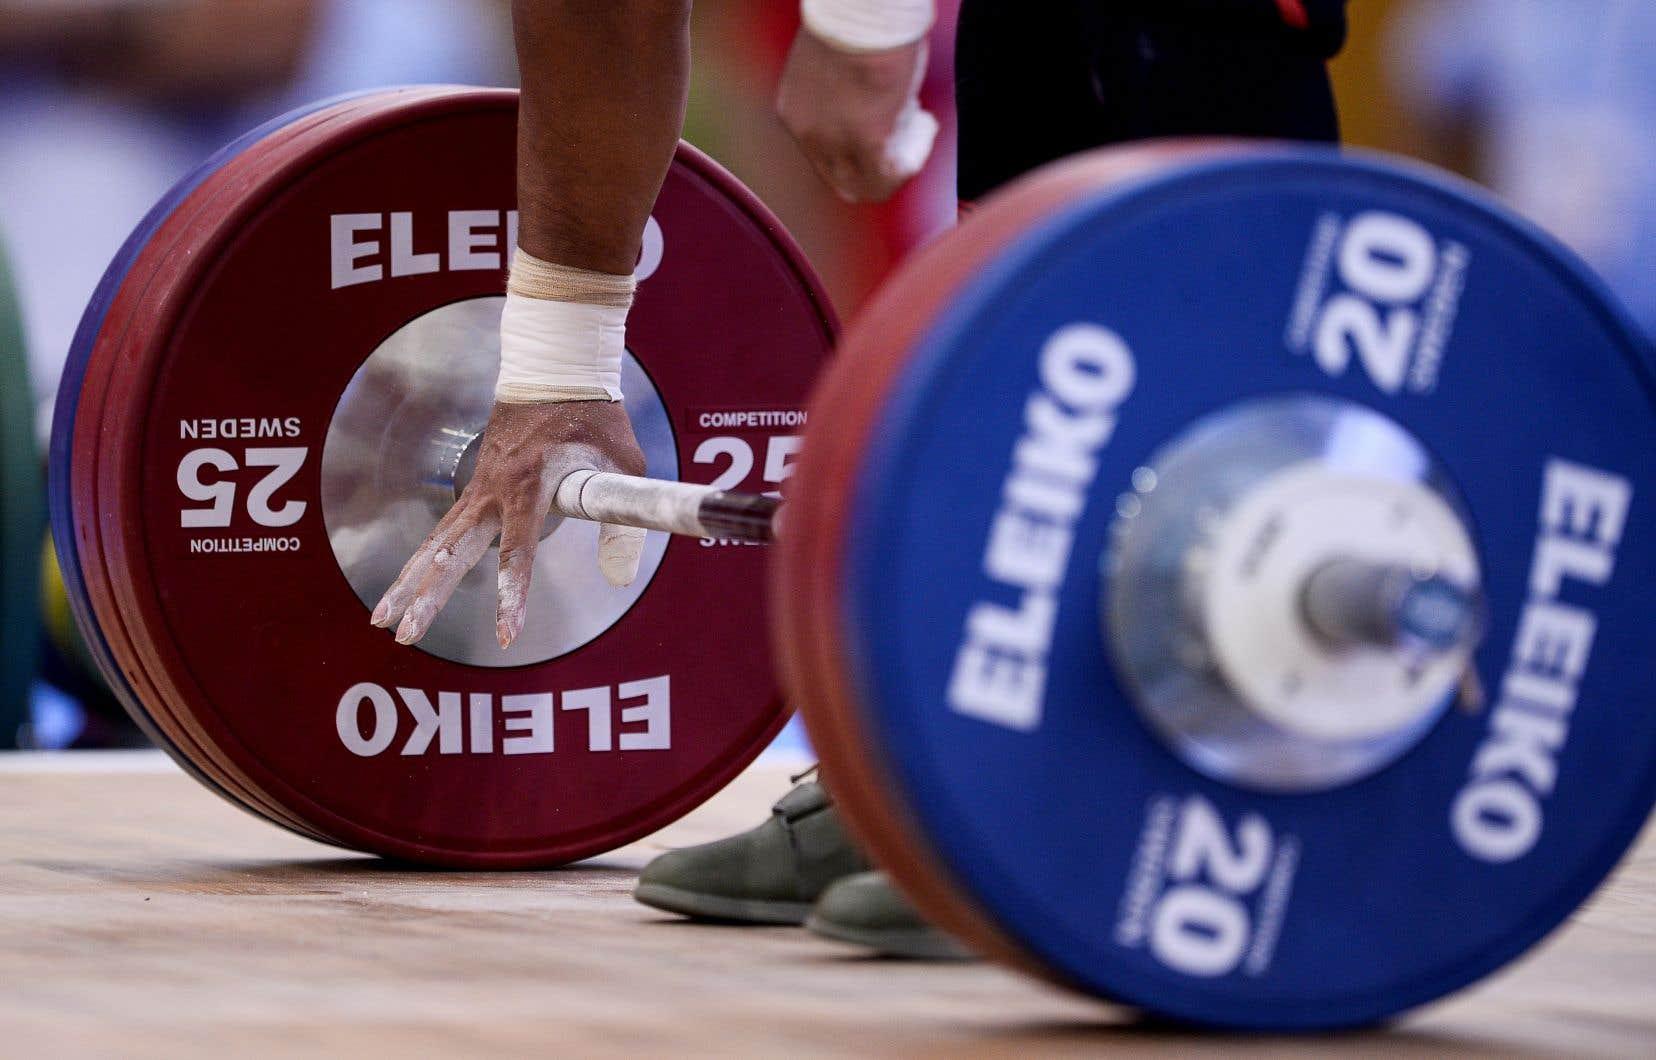 «Pendant trop longtemps, les haltérophiles propres ont dû faire face à une culture de dopage bien ancrée dans leur sport», explique le président de l'AMA.